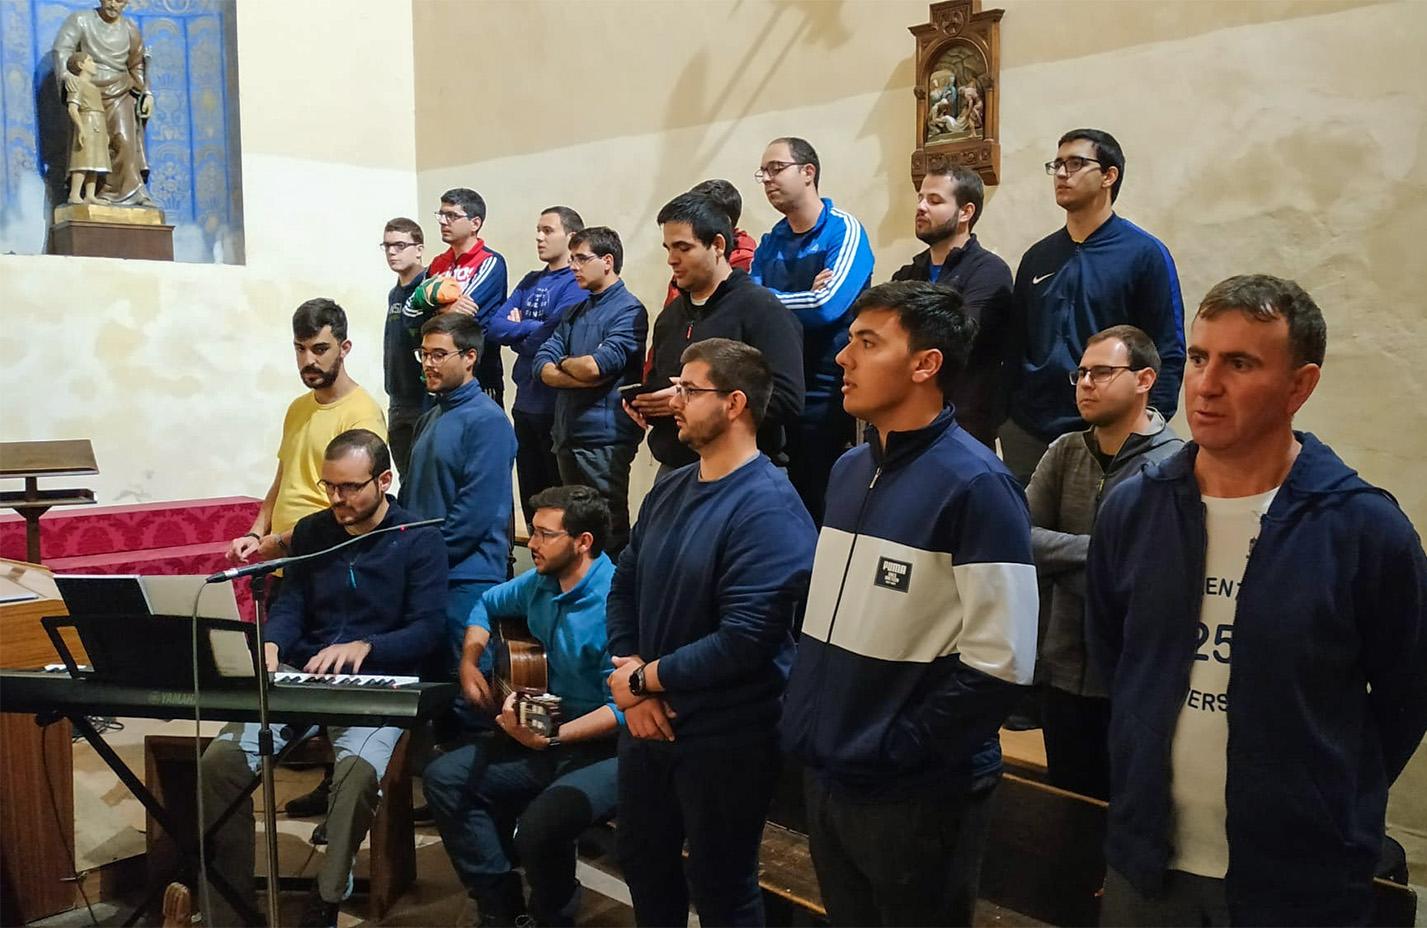 Los seminaristas fueron el coro de la misa dominical de mediodía en Almodóvar